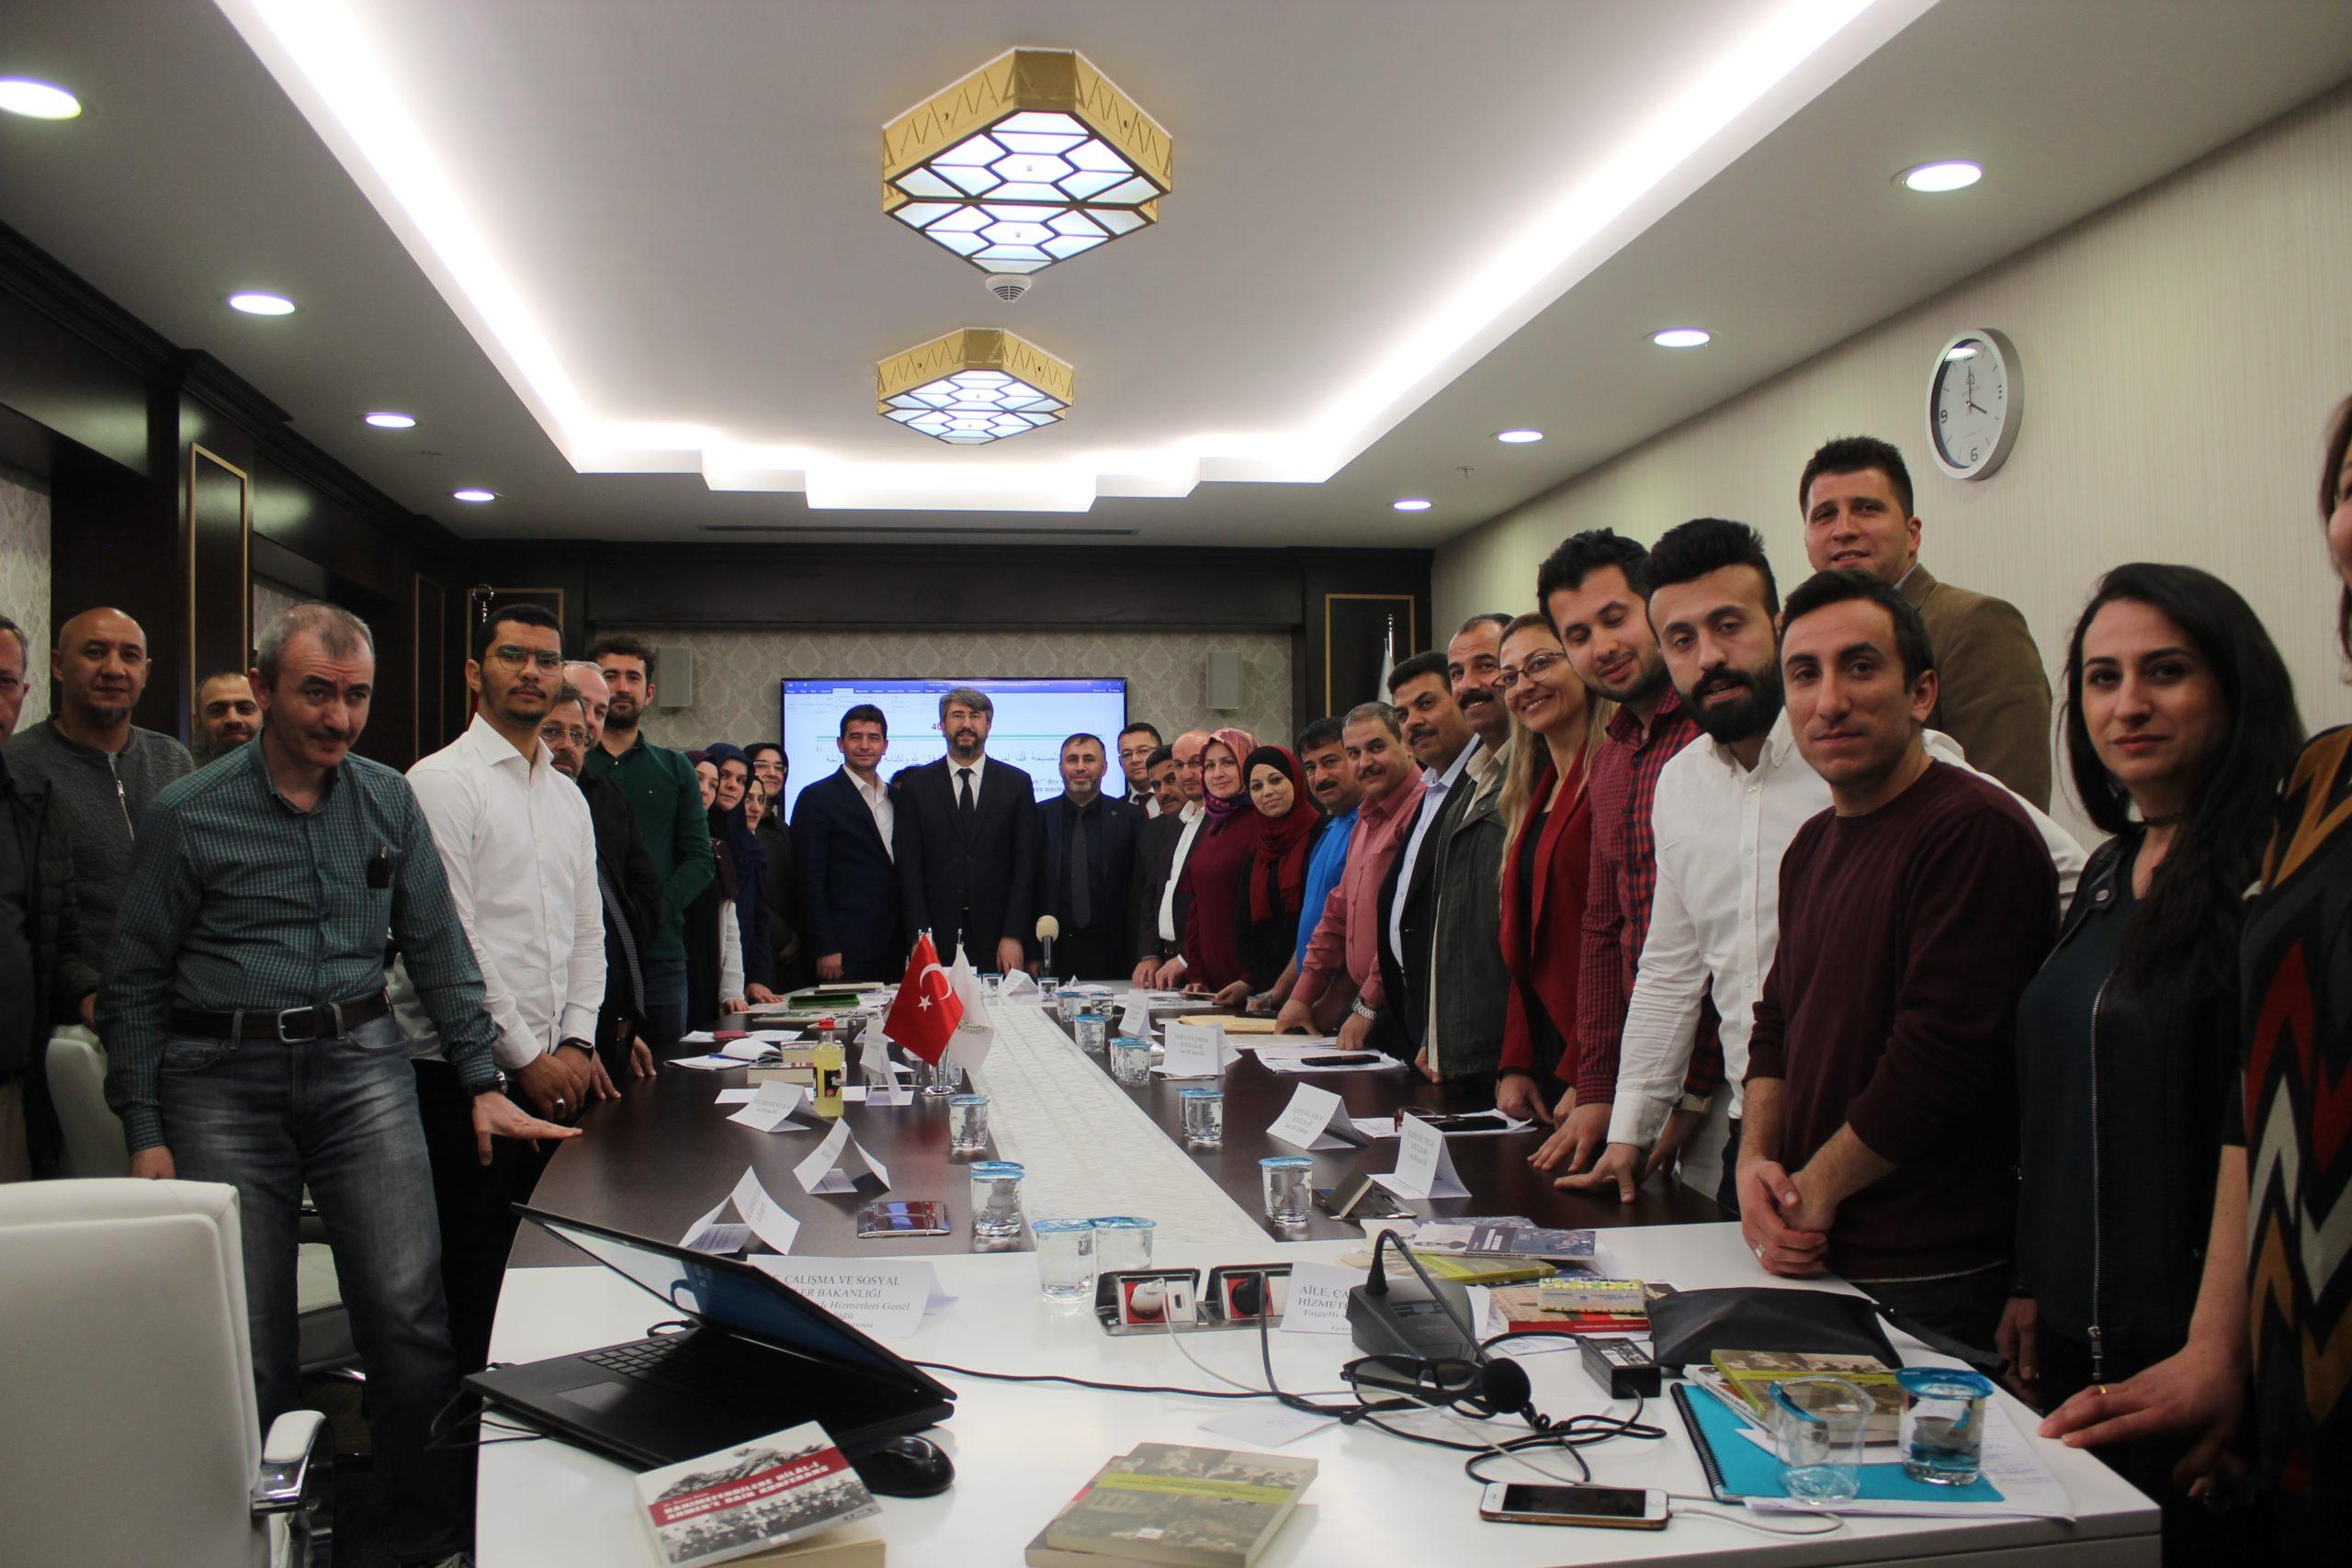 Uzman Dr. Orhan KOÇ İşaret Dili ile Kur'an ve Hadis Çalıştayı'na Katıldı